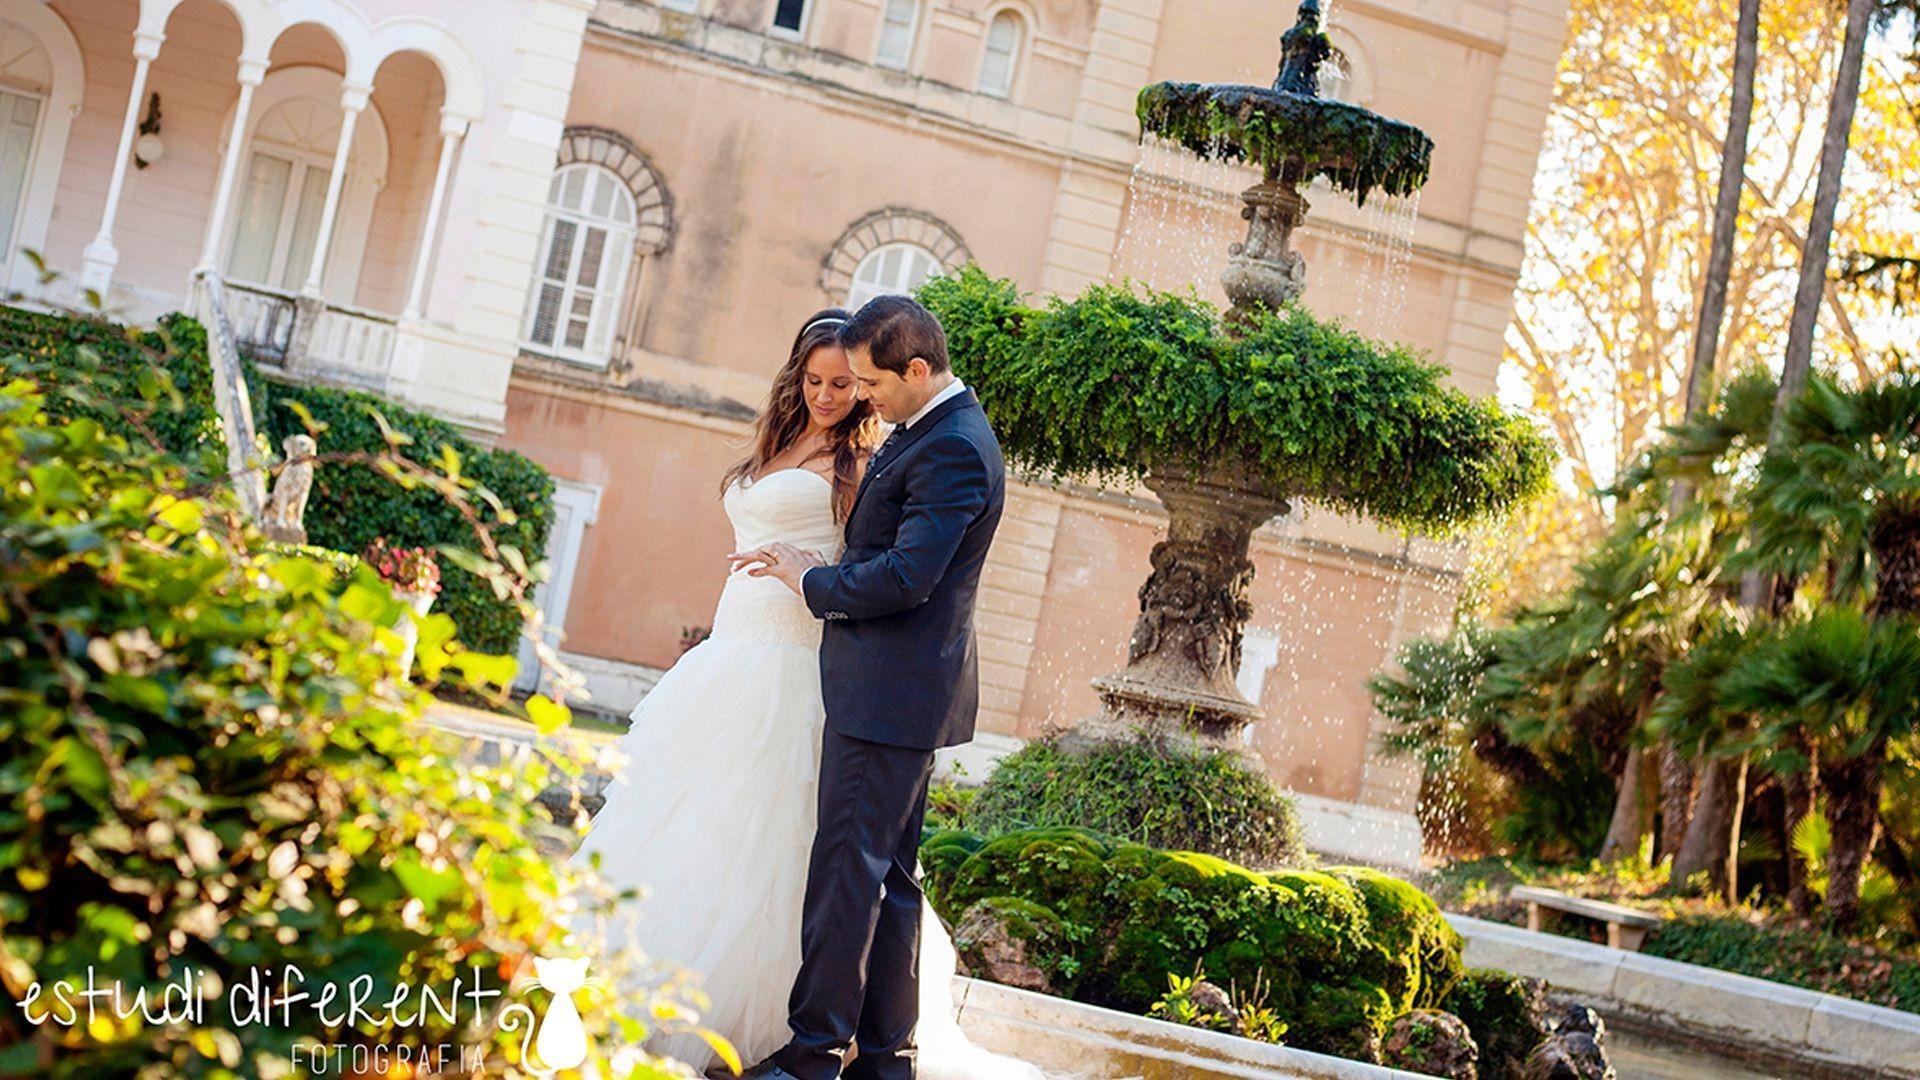 Fotógrafo especializado en bodas en Tarragona